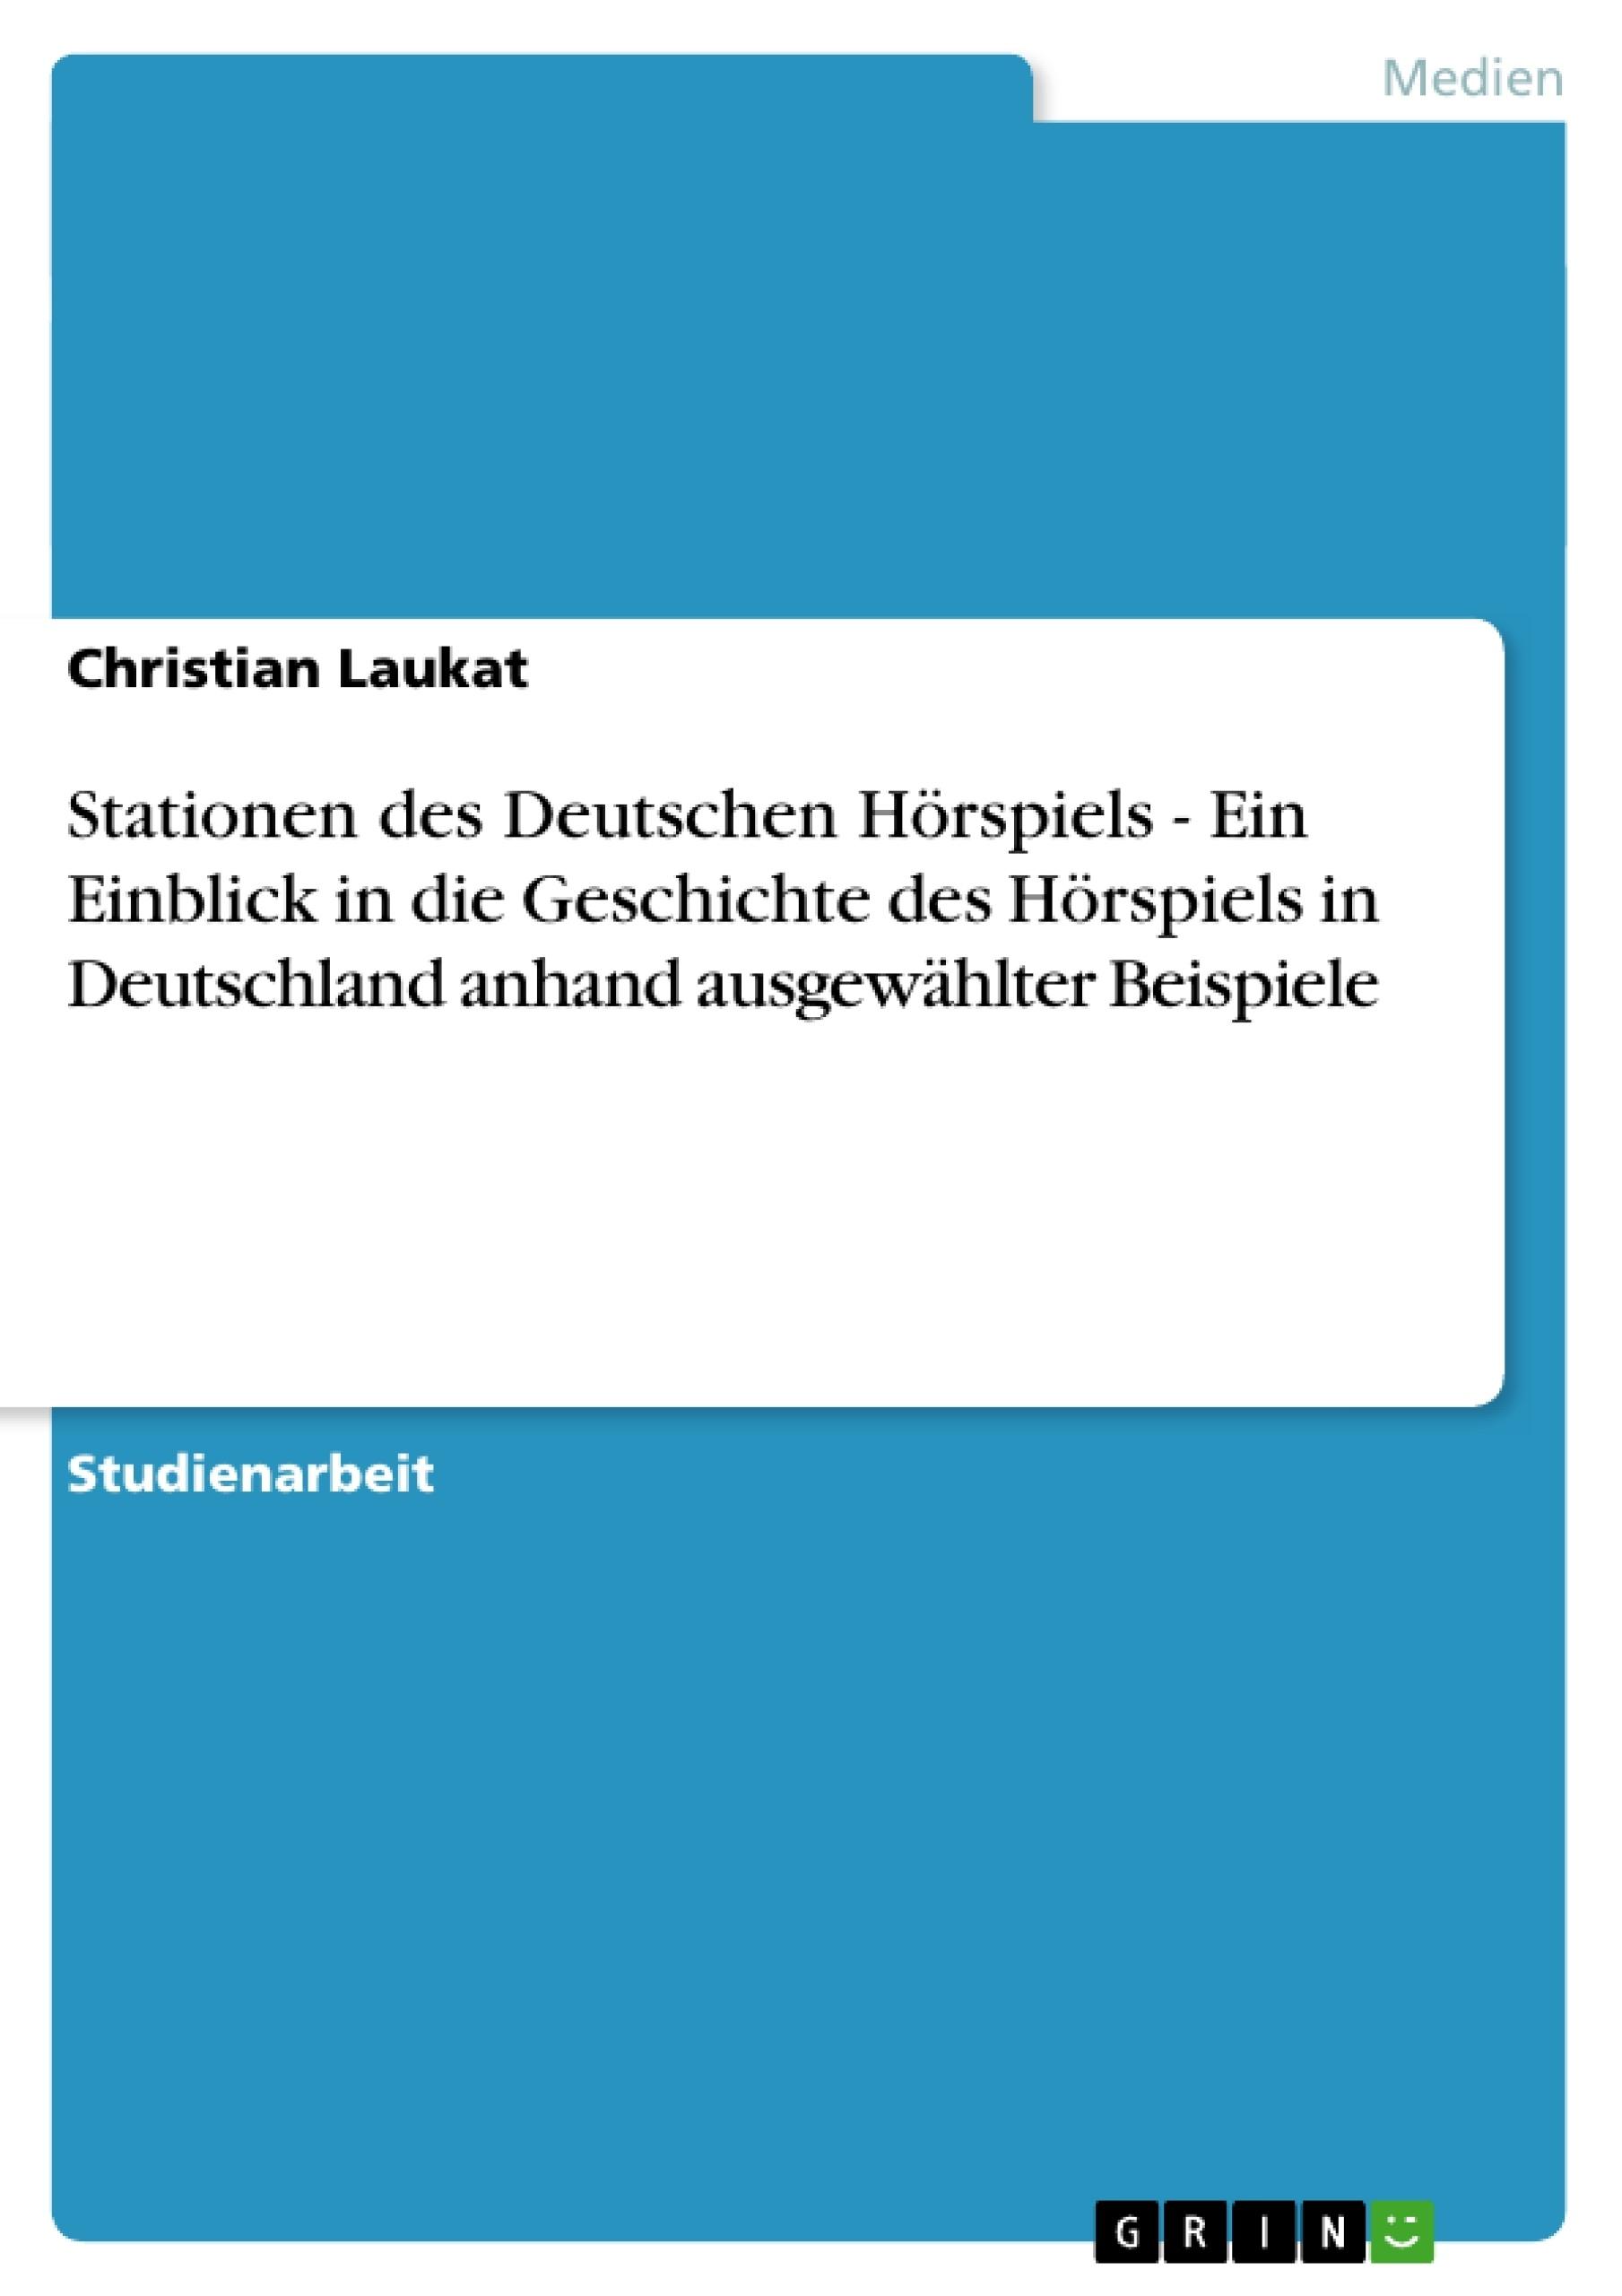 Titel: Stationen des Deutschen Hörspiels - Ein Einblick in die Geschichte des Hörspiels in Deutschland anhand ausgewählter Beispiele